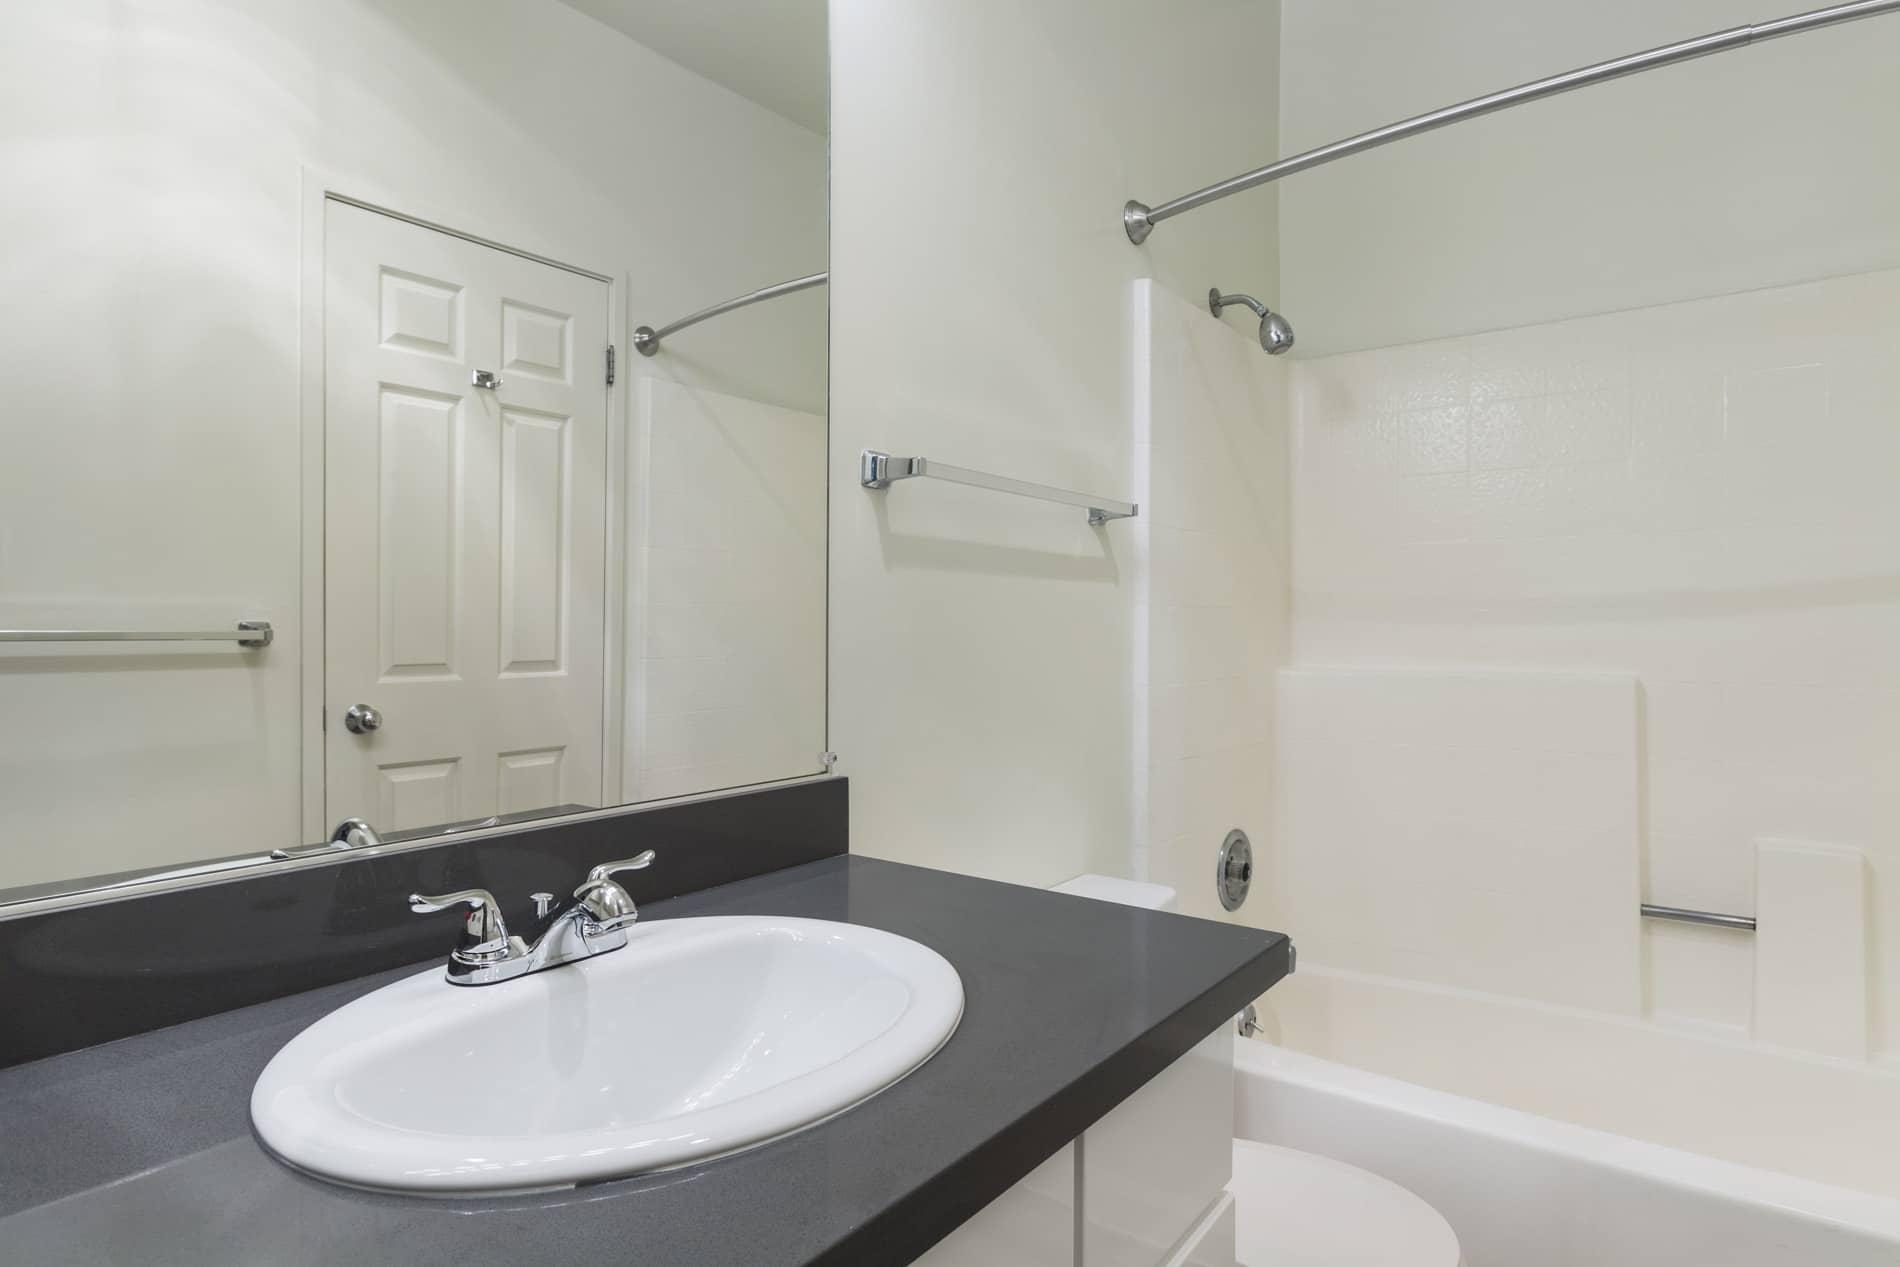 Bathroom at 2000 Post Apartments